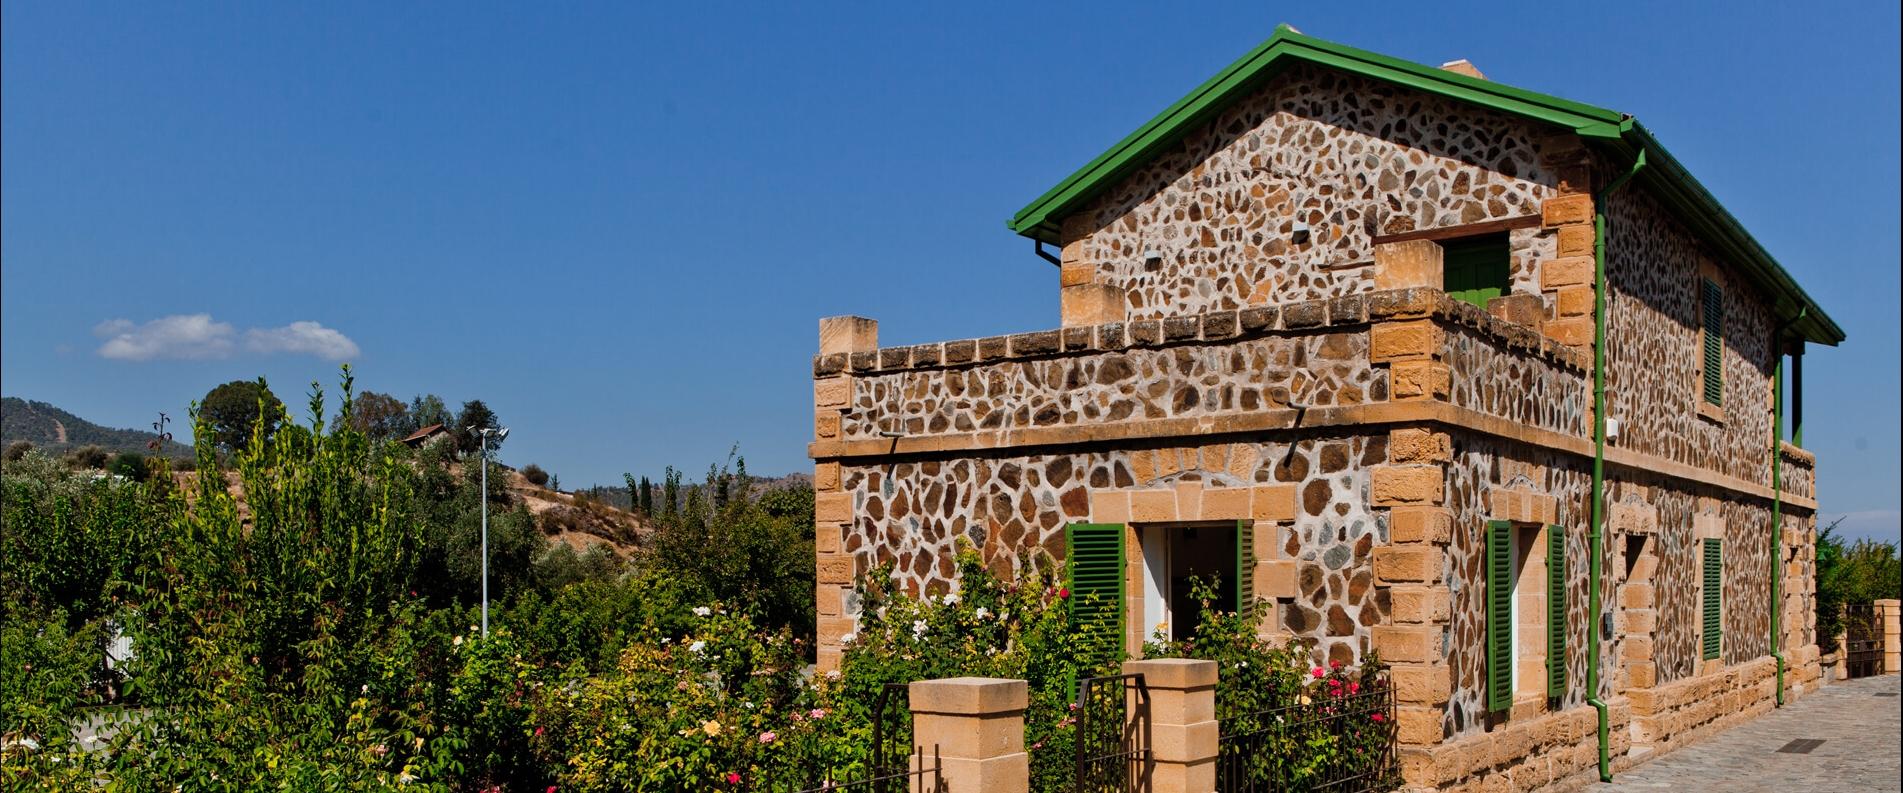 Несколько причин побывать в Эвриху: Музей железной дороги, предгорья Троодоса и сельская архитектура